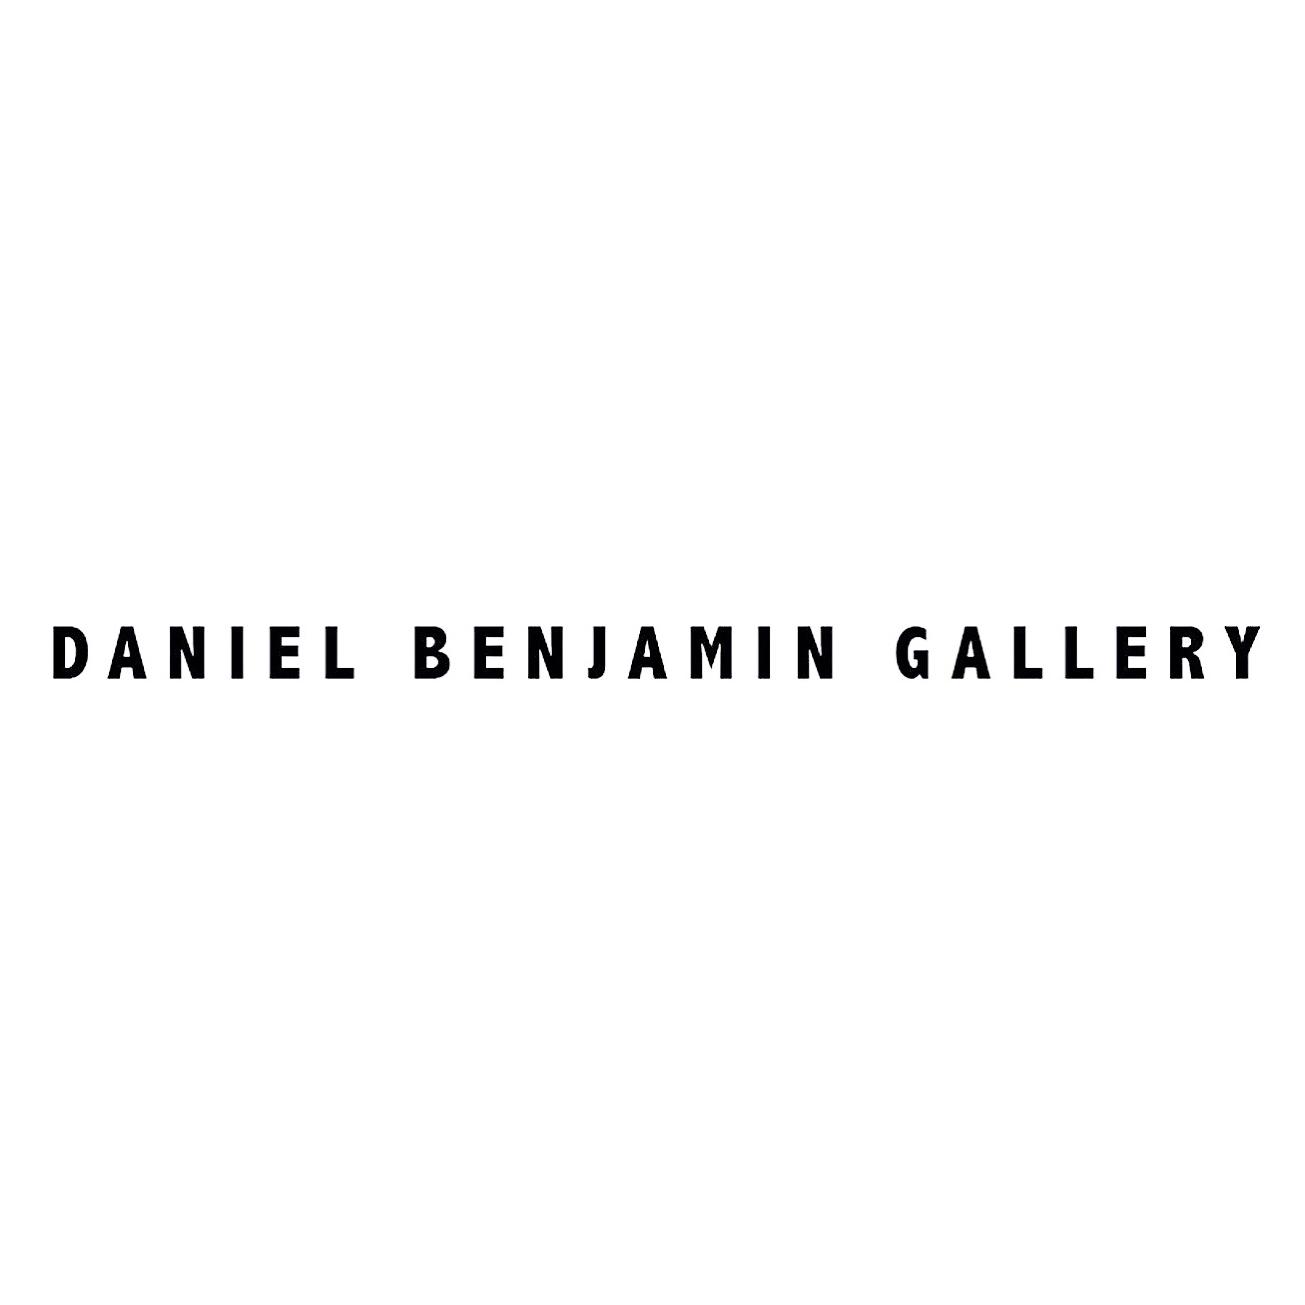 Daniel Benjamin Gallery